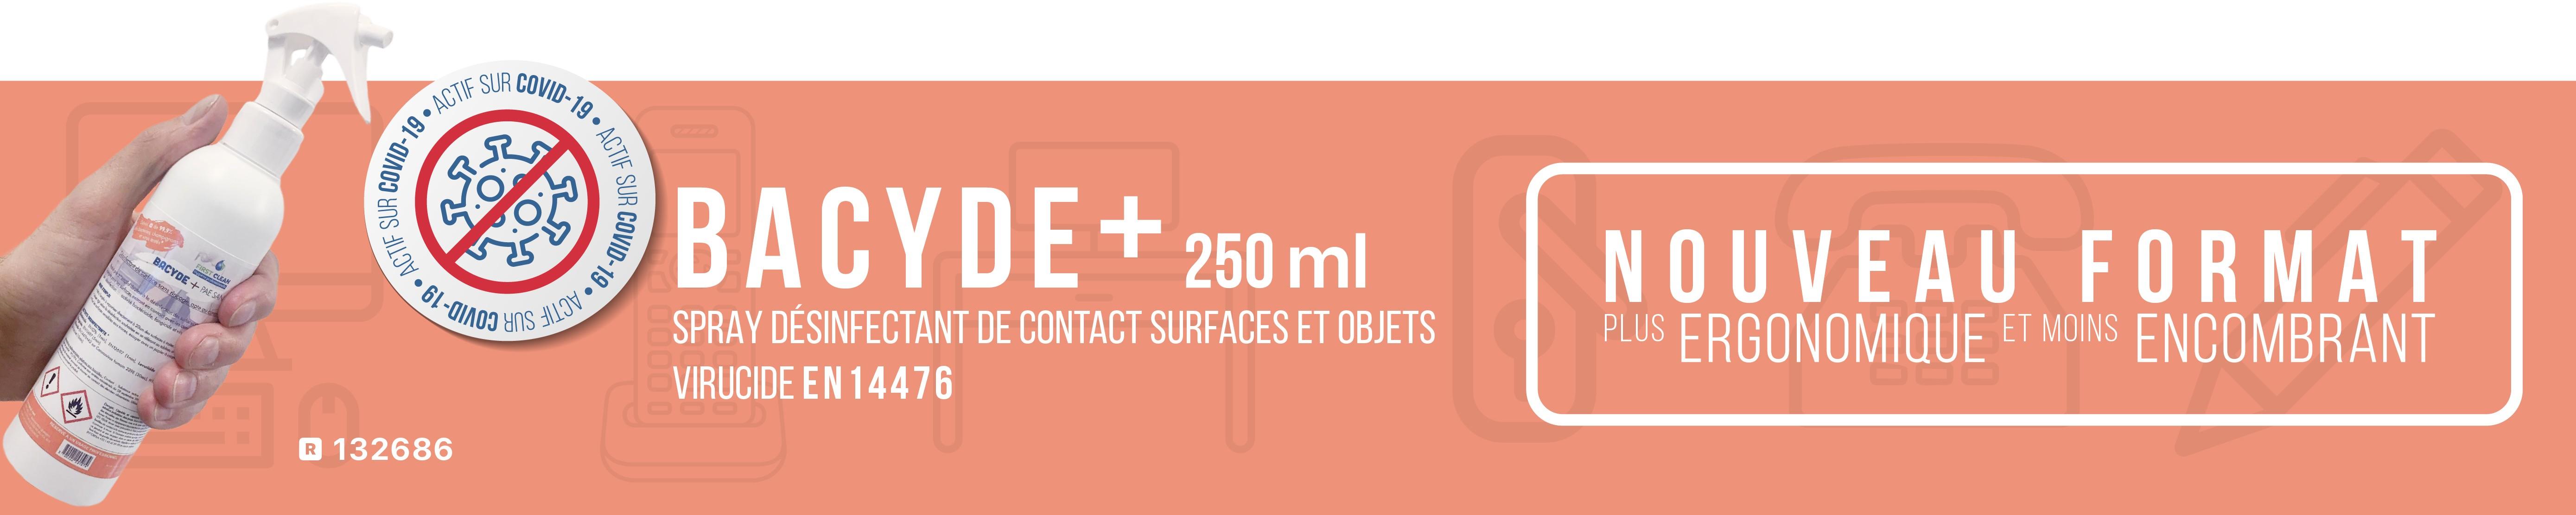 Bacyde+ désinfectant virucide surfaces et objets actif Covid-19 format pratique 250ml